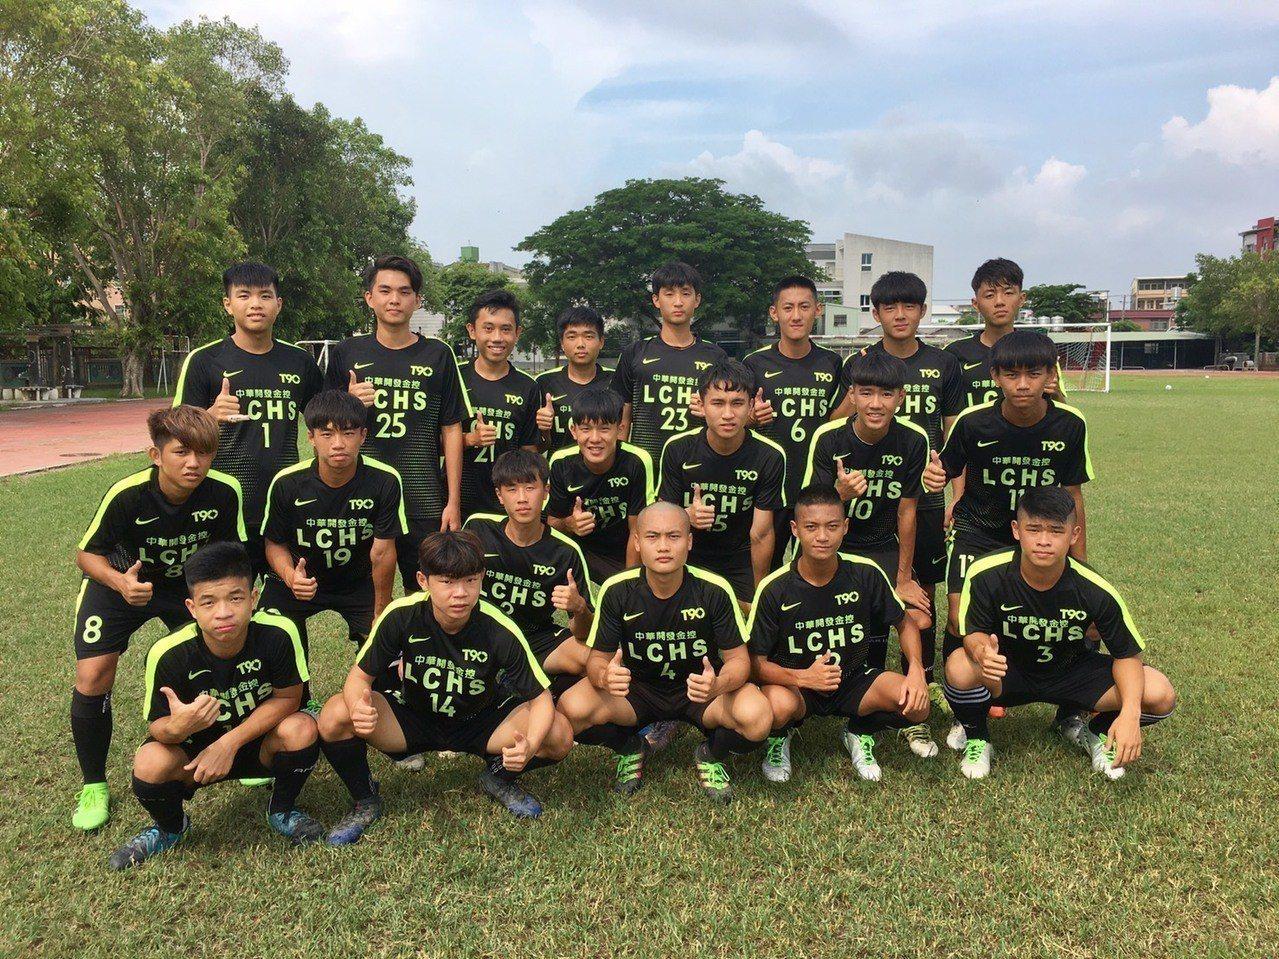 中華開發技藝職能獎學金幫助高雄路竹高中足球隊同學踏實築夢。 圖/開發金控提供